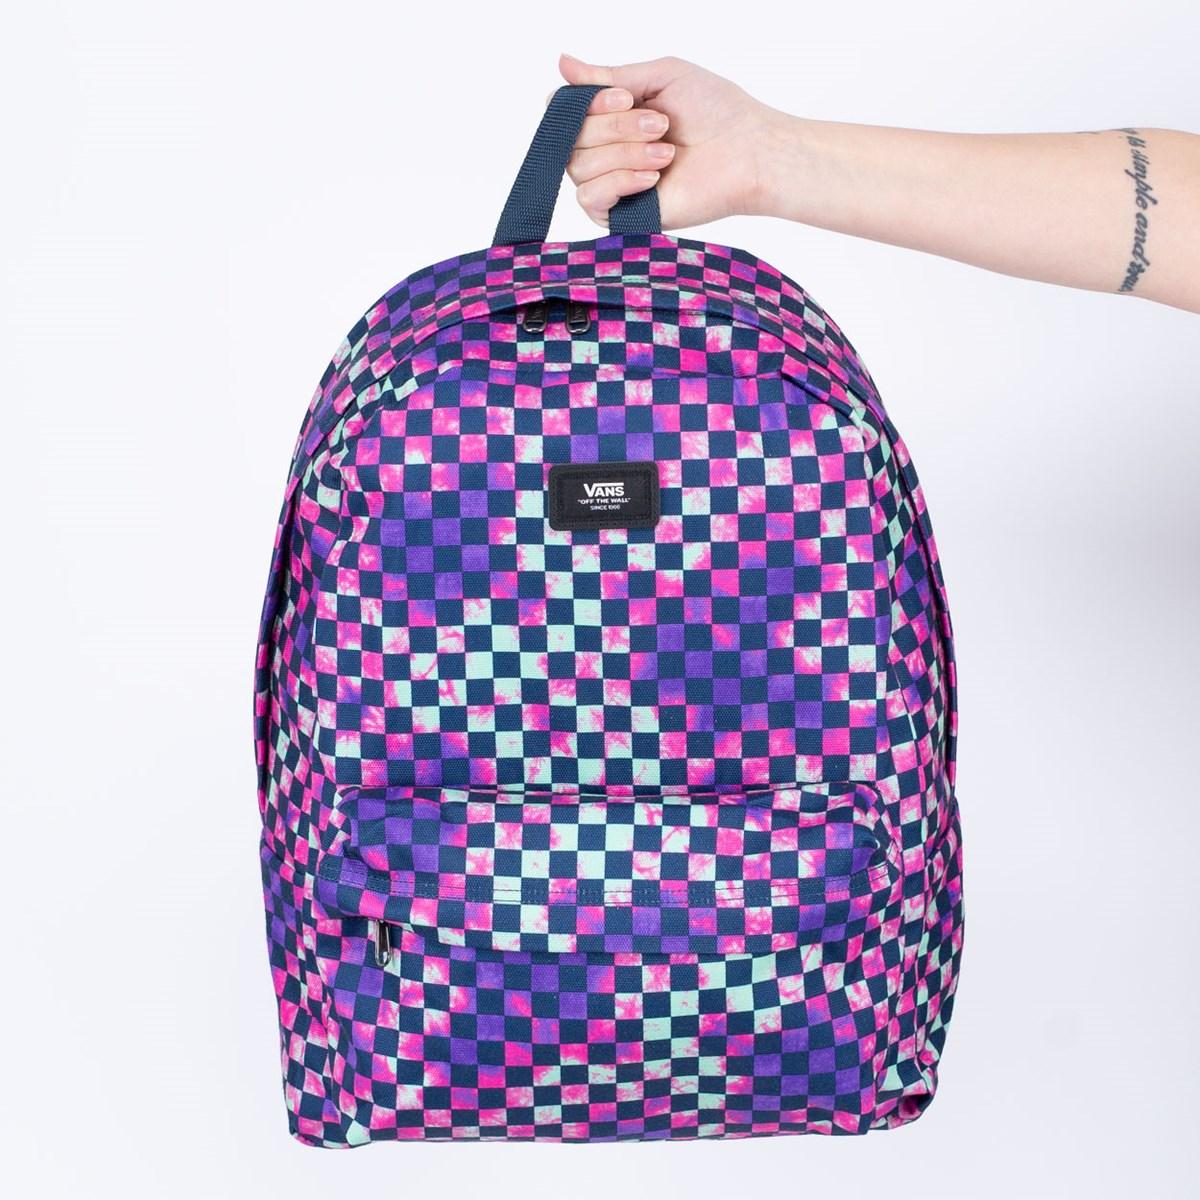 Mochila Vans Old Skool III Backpack Tie Dye VN0A3I6RYKT